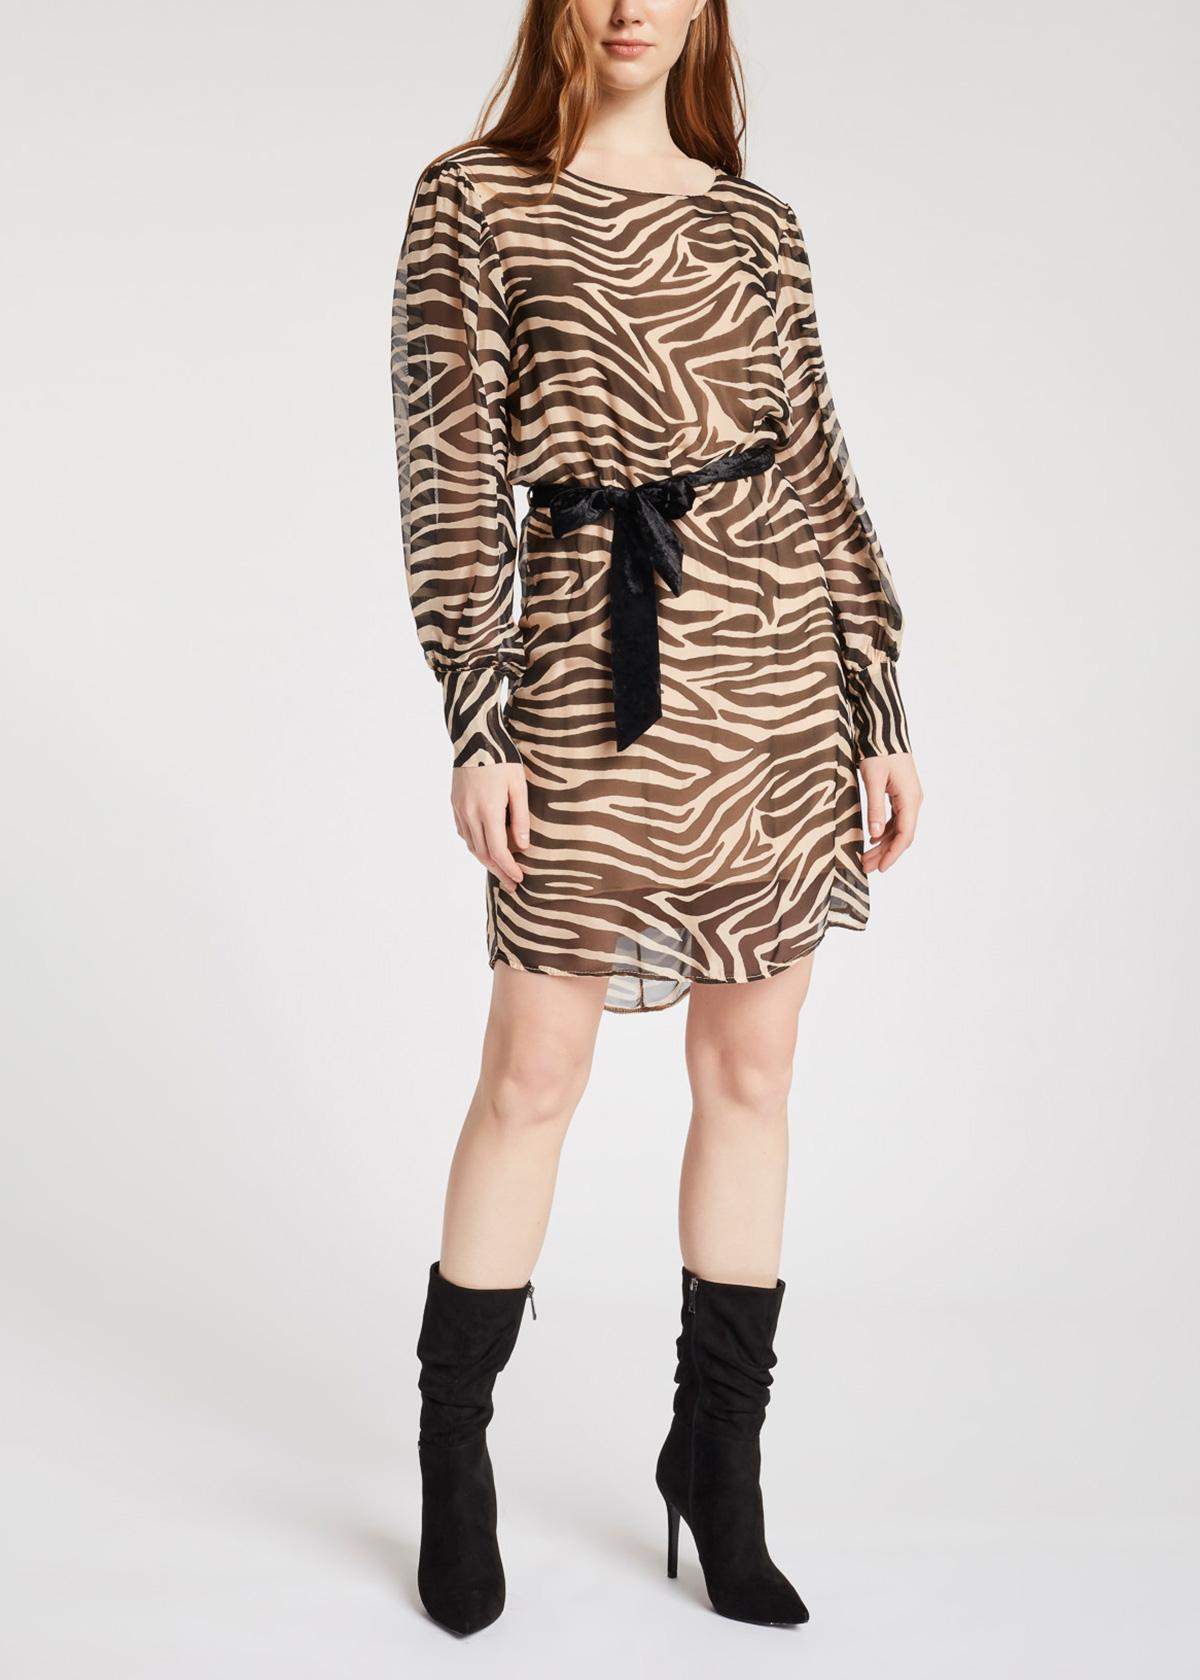 Short dress , georgettes GAUDI FASHION |  | FD1502902027-01